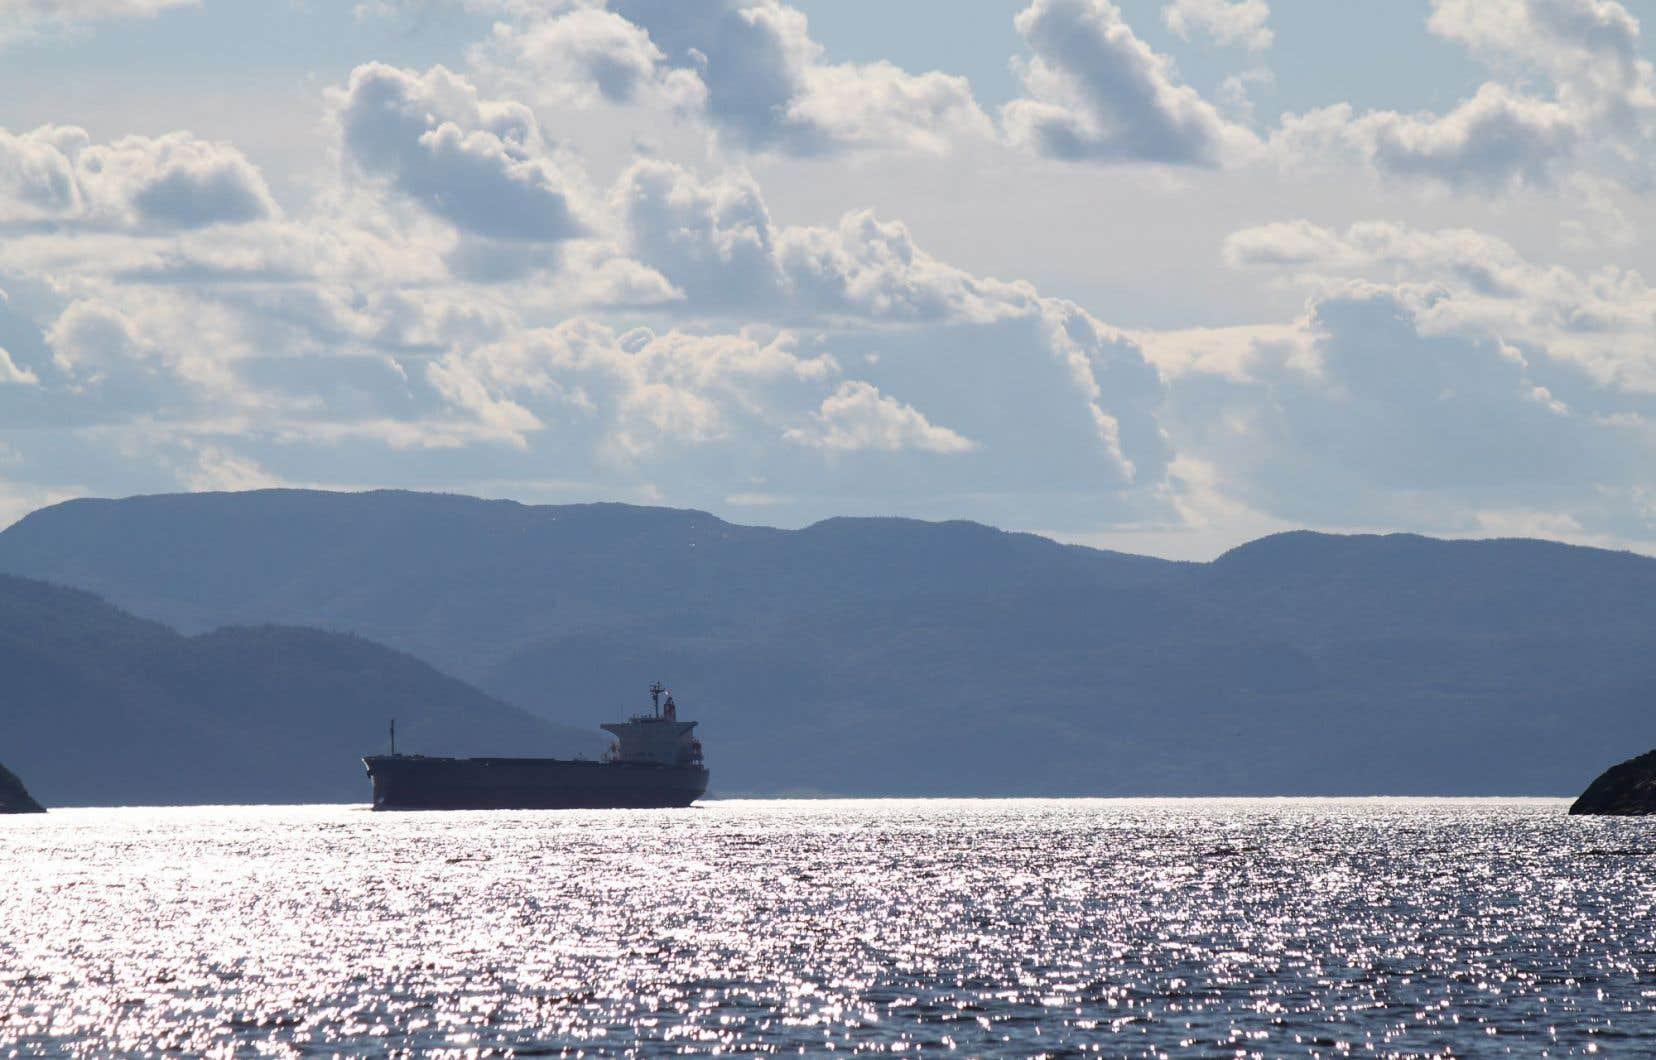 En naviguant sur le Saguenay, les navires qui chargeront le minerai traverseront le seul parc marin de la province, soit le parc marin du Saguenay–Saint-Laurent. Ils navigueront notamment en plein cœur de l'habitat essentiel du béluga, une espèce en voie de disparition.